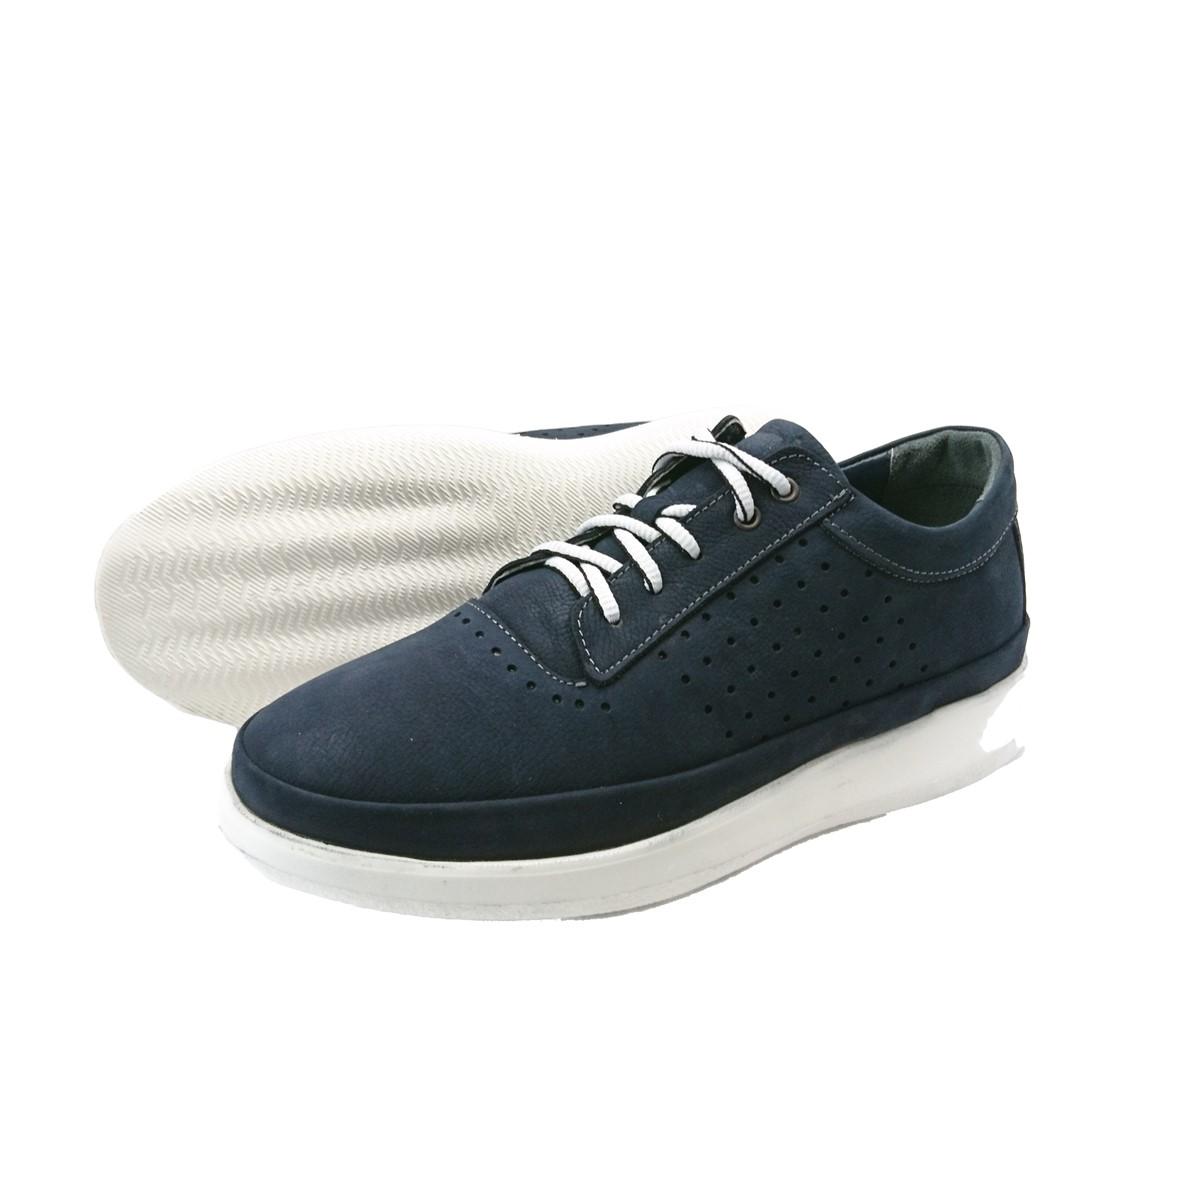 Ανδρικά Sneakers Comfort System Texnology.Boxer 19051 30-016.B Μπλέ Nubuck